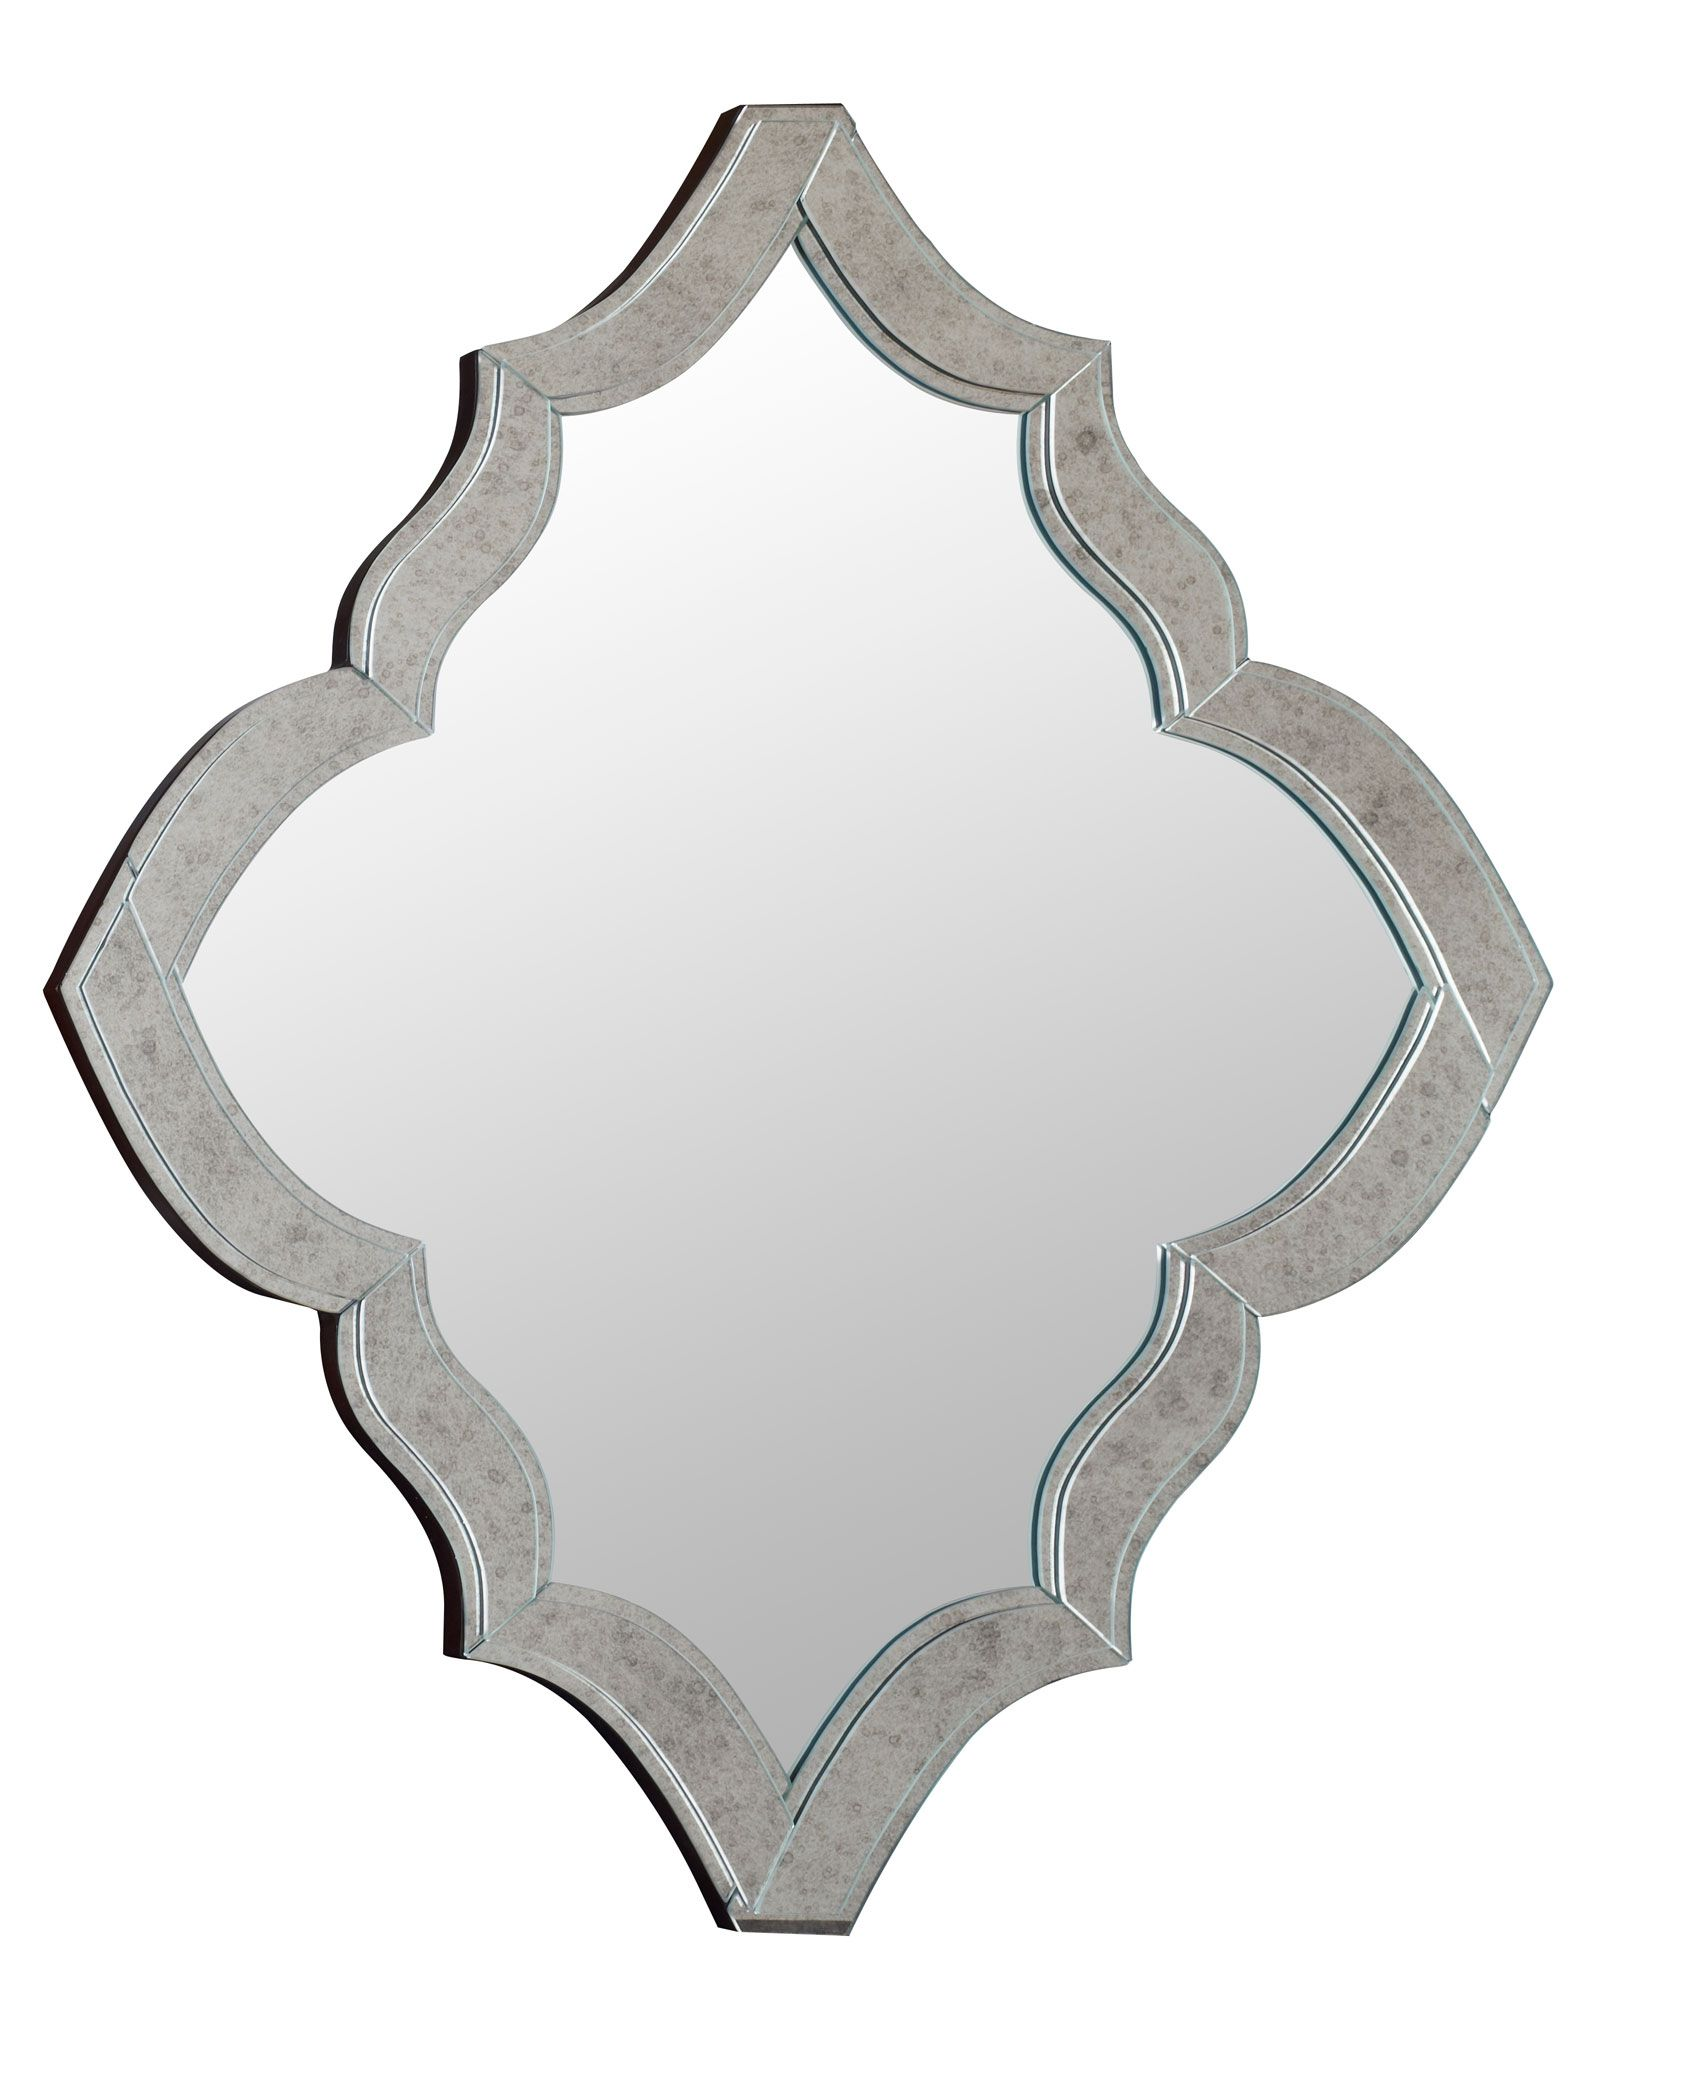 Unique Olson Glass and Mirror